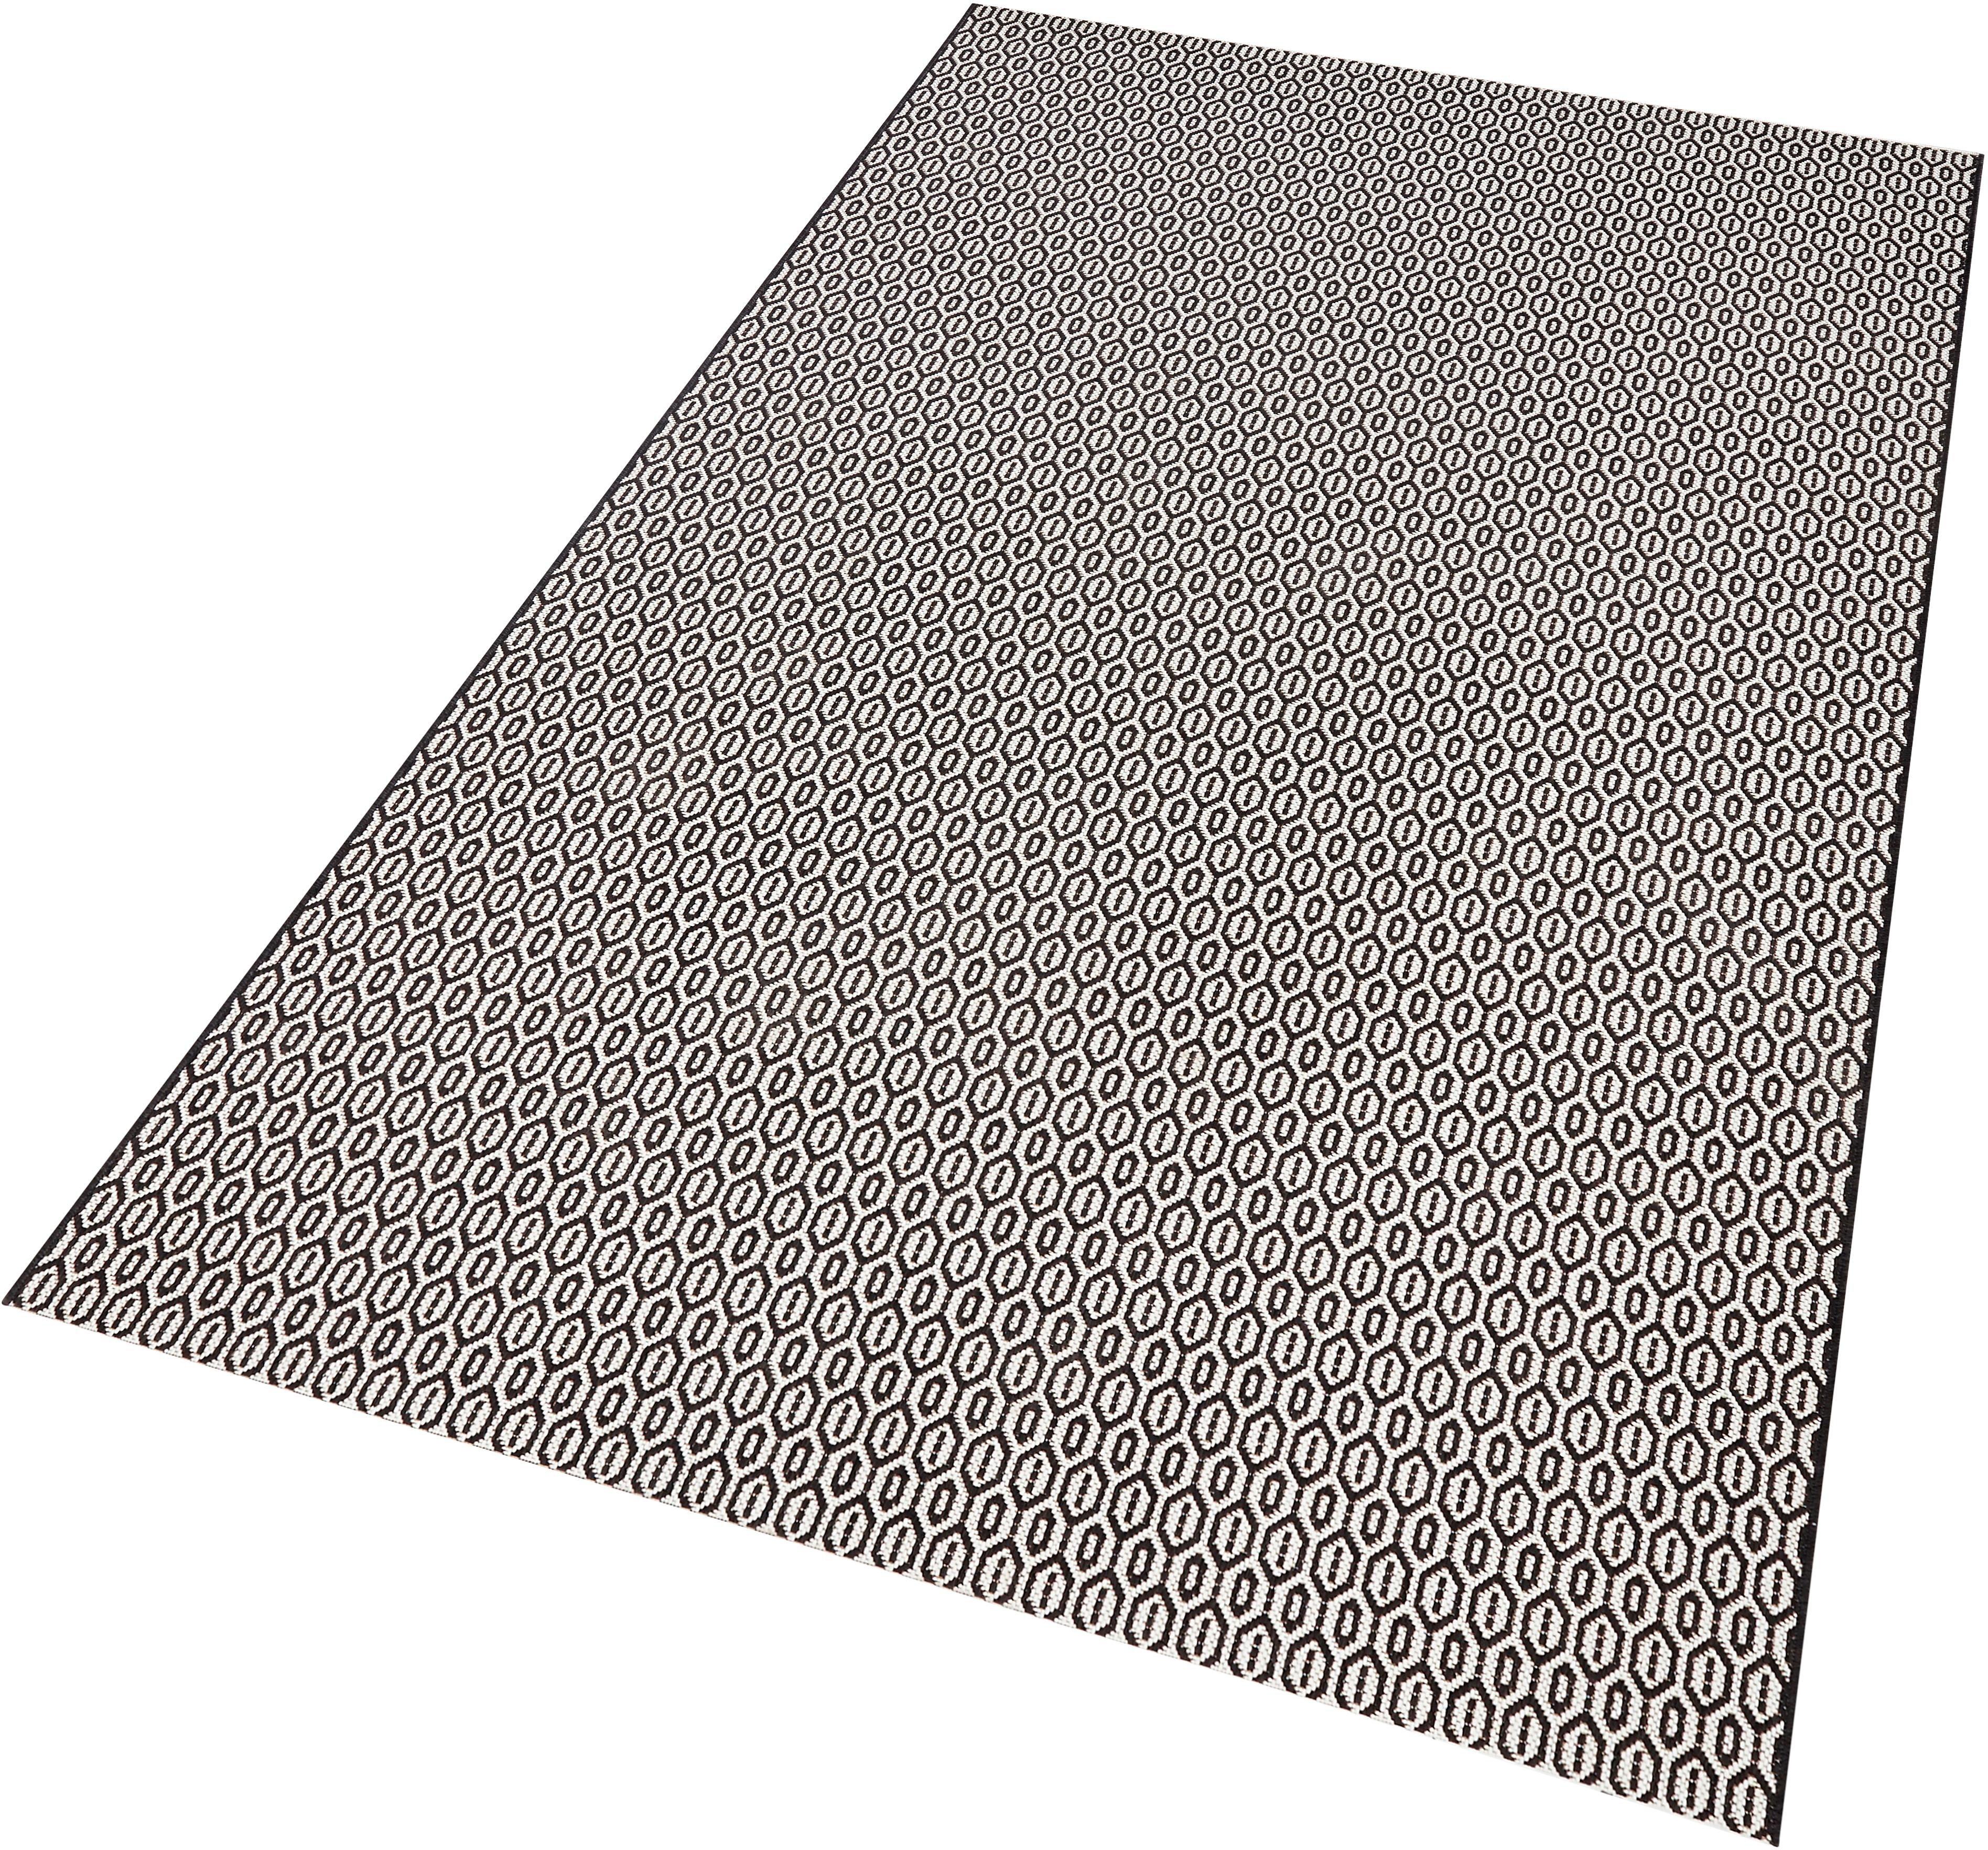 teppich coin bougari rechteckig h he 8 mm in und outdoorgeeignet sisaloptik schwarz l b. Black Bedroom Furniture Sets. Home Design Ideas